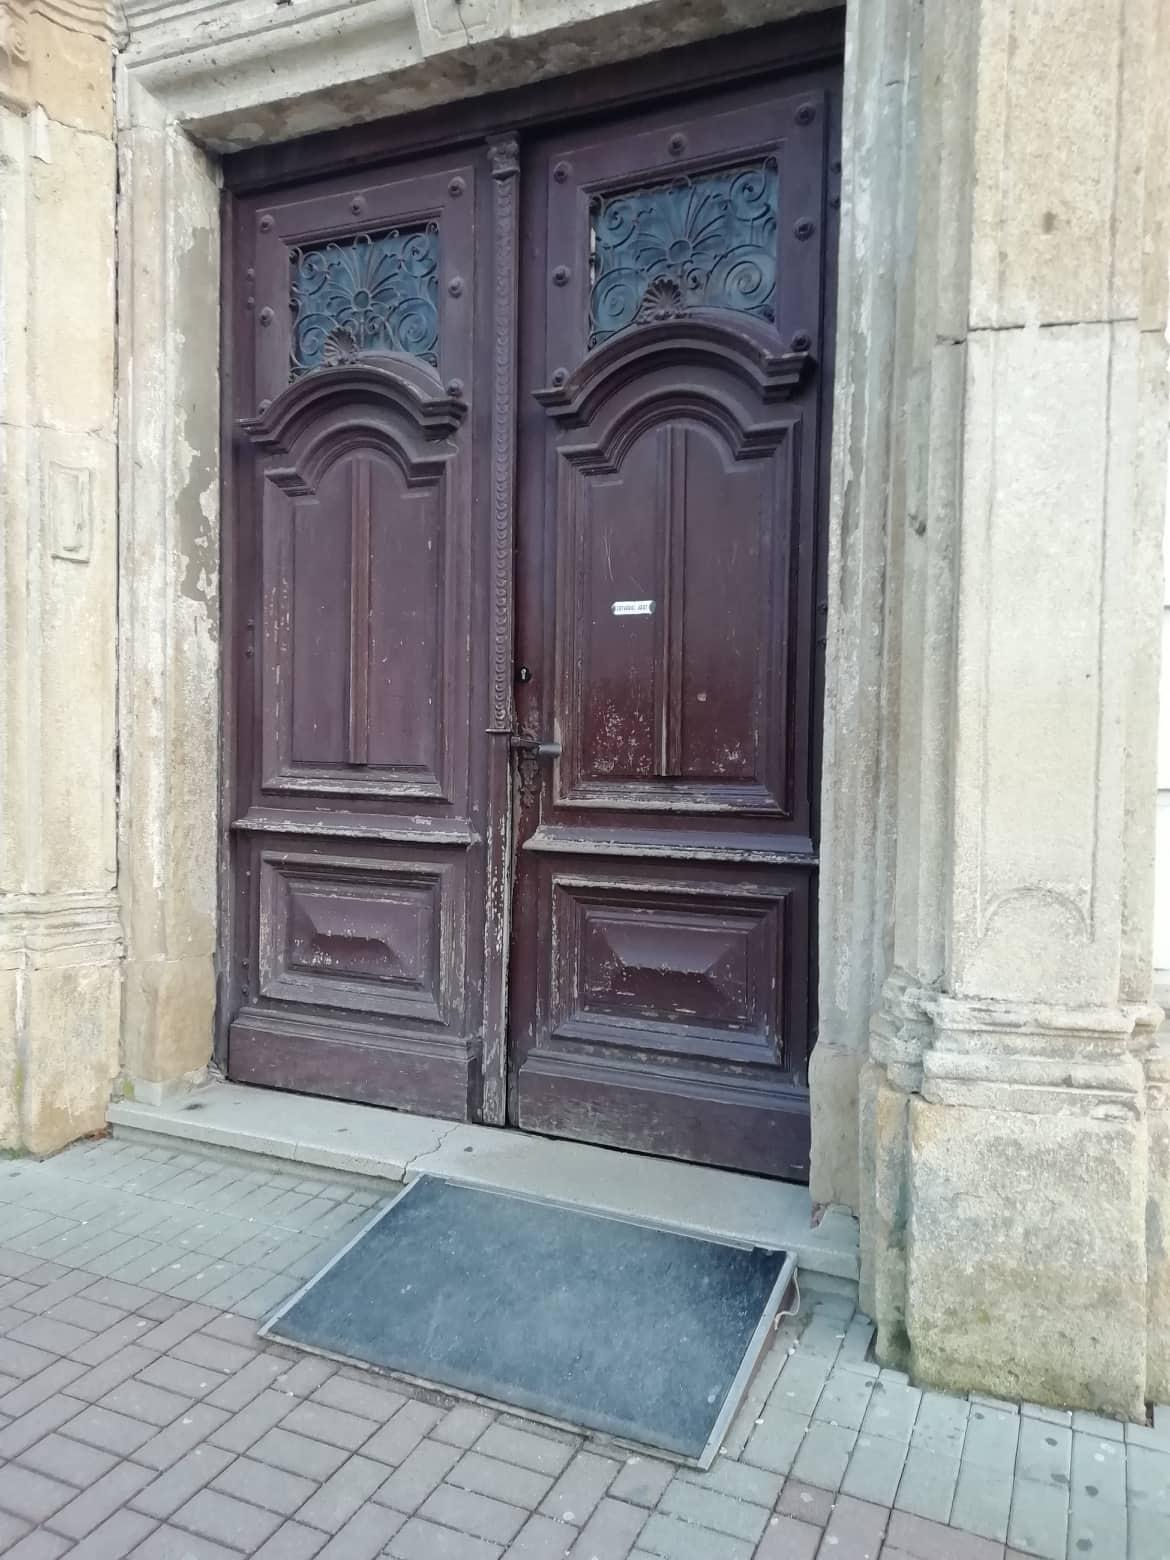 ULAGANJE U KULTURU Za obnovu crkvenih vrata 120 tisuća kuna